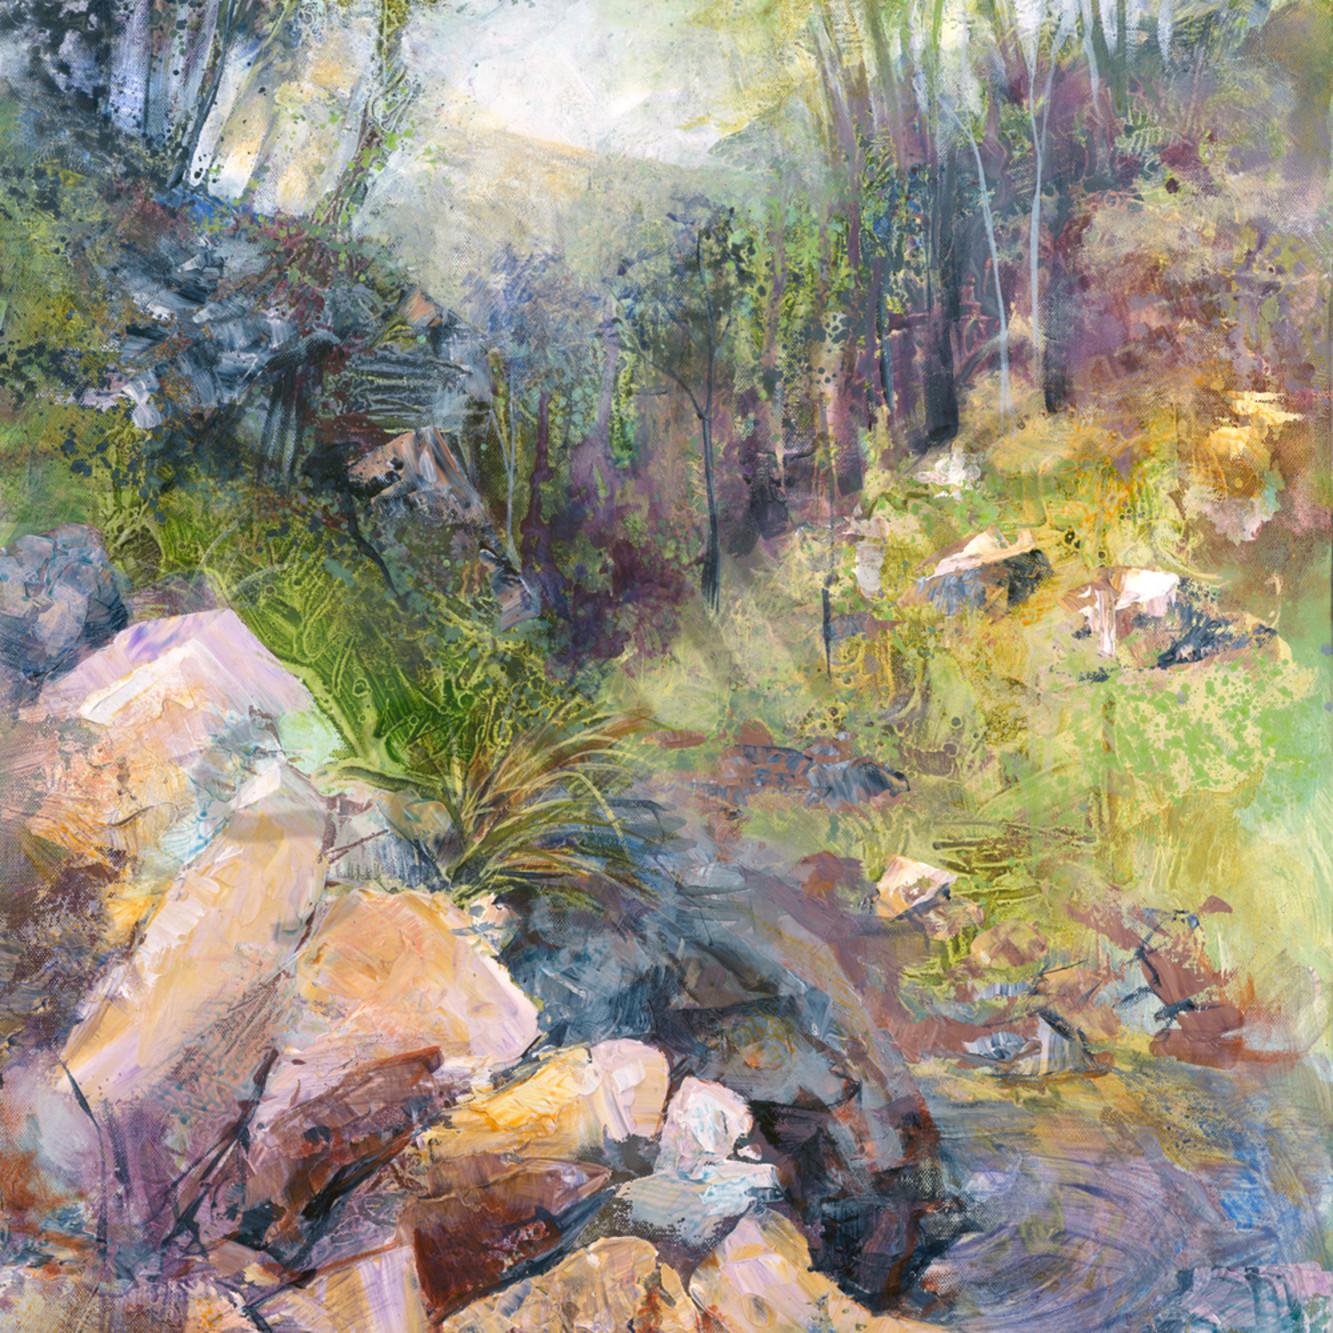 Dgil 036 bush scene study vzbgzs